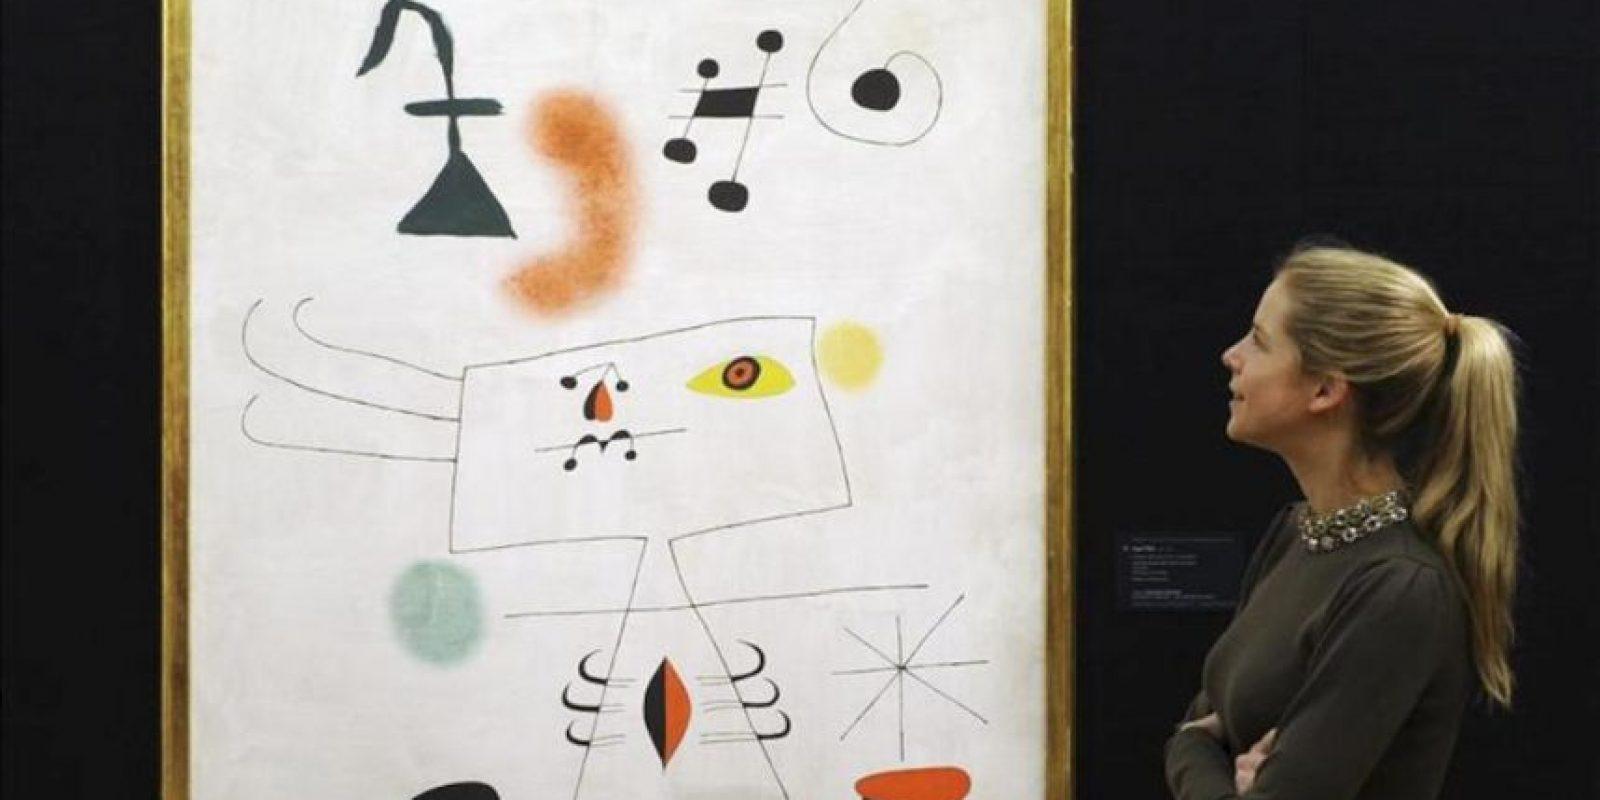 """Una empleada de Sotheby's observa el cuadro """"Femme revant de l'evasion (Mujer soñando con escapar)"""" (1945), del artista español Joan Miró, en la casa de subastas de arte contemporáneo de Sotheby's en Londres (Reino Unido). Esta obra, que saldrá a subasta el próximo 12 de febrero, se espera que alcance un precio de venta de entre 10 y 14 millones de euros. EFE/Andy Rain"""